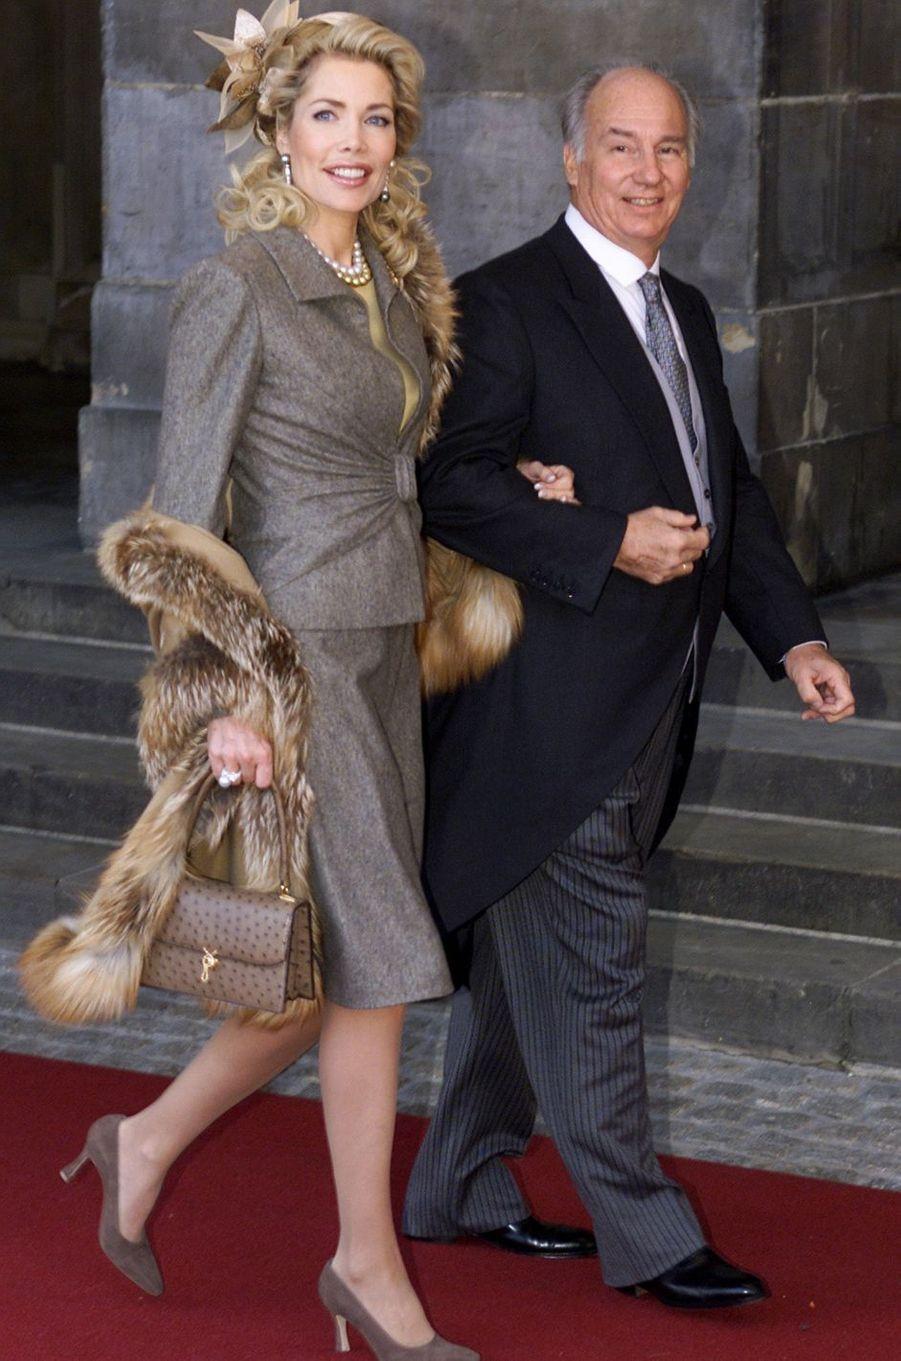 L'Aga Khan et son épouse la Begum Gabriele au mariage du prince Willem-Alexander des Pays-Bas etde Maxima Zorreguieta à Amsterdam, le 2 février 2002